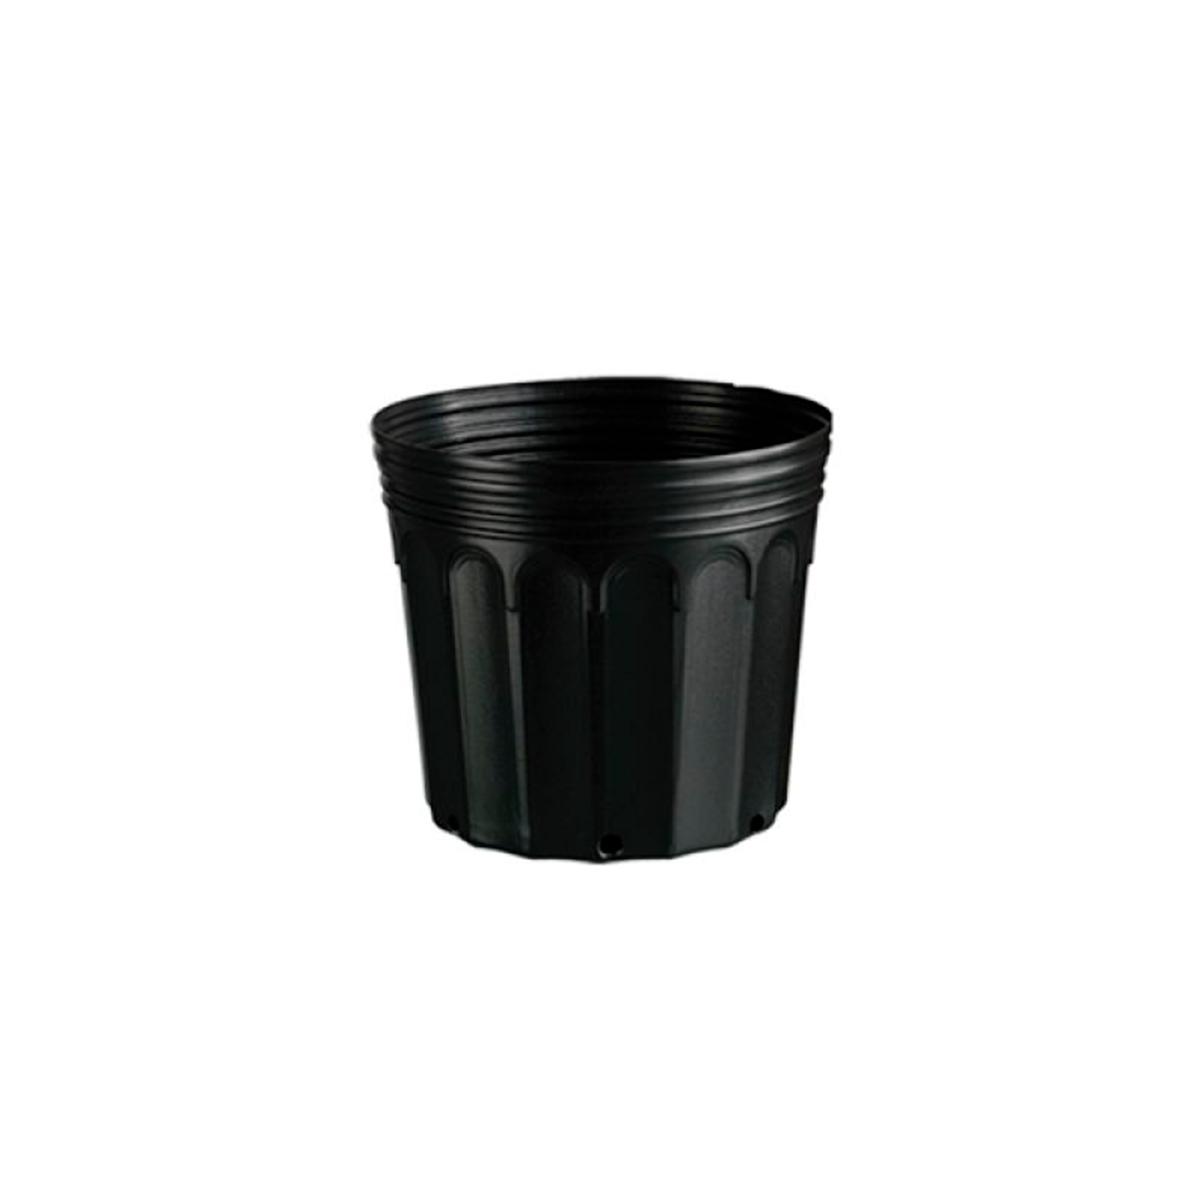 Kit com 100 Embalagem para Mudas Vaso Sem Alça 11 Litros